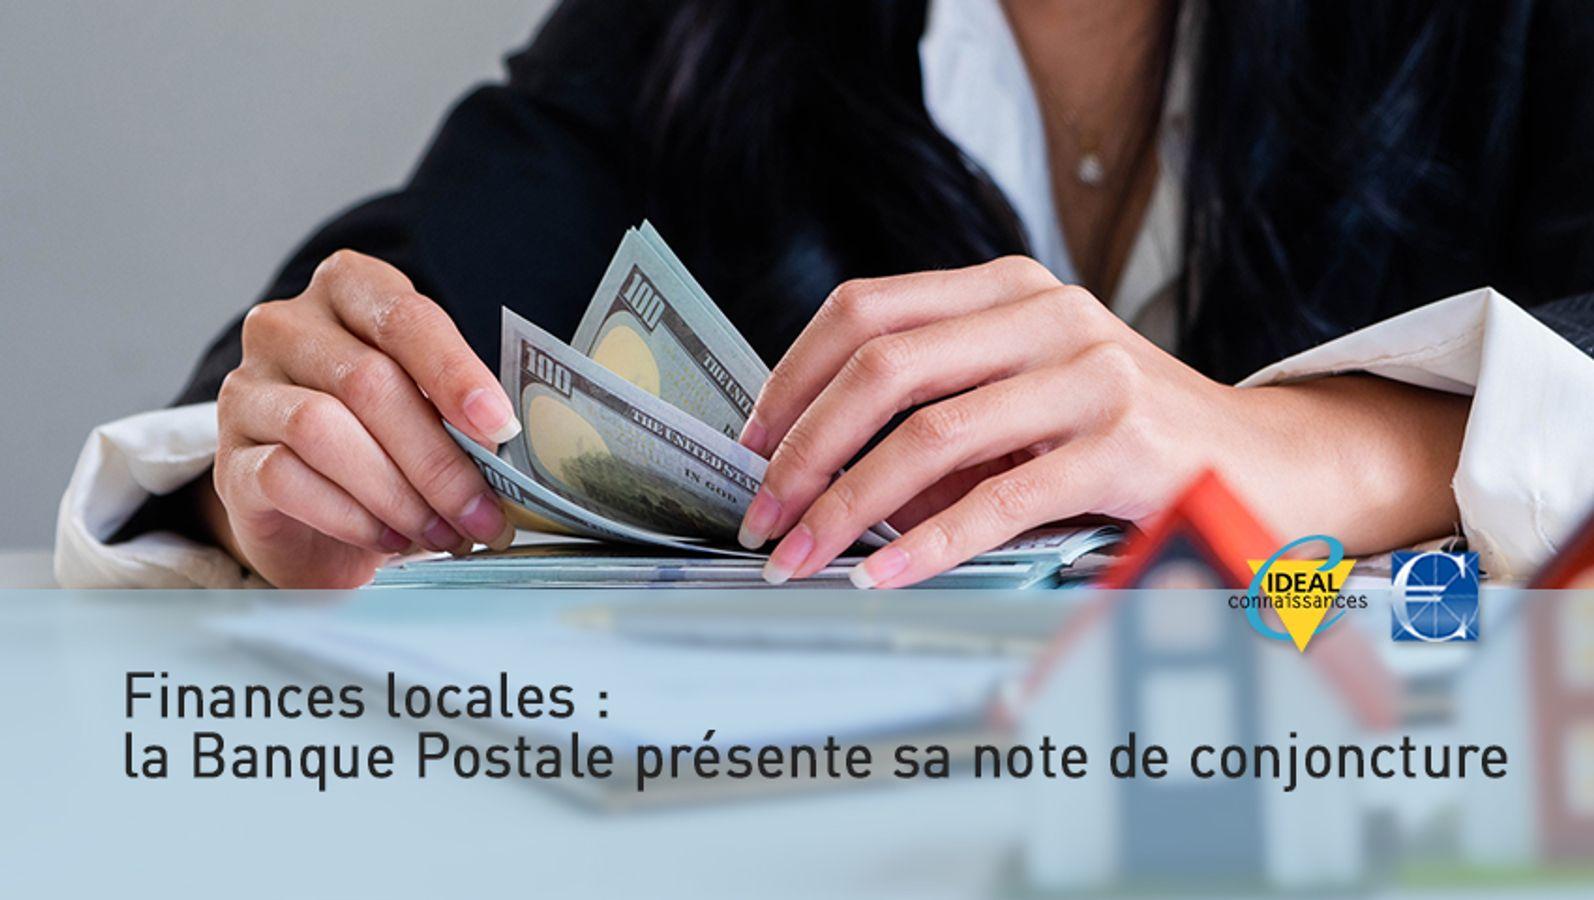 Finances locales : la Banque Postale présente sa note de conjoncture